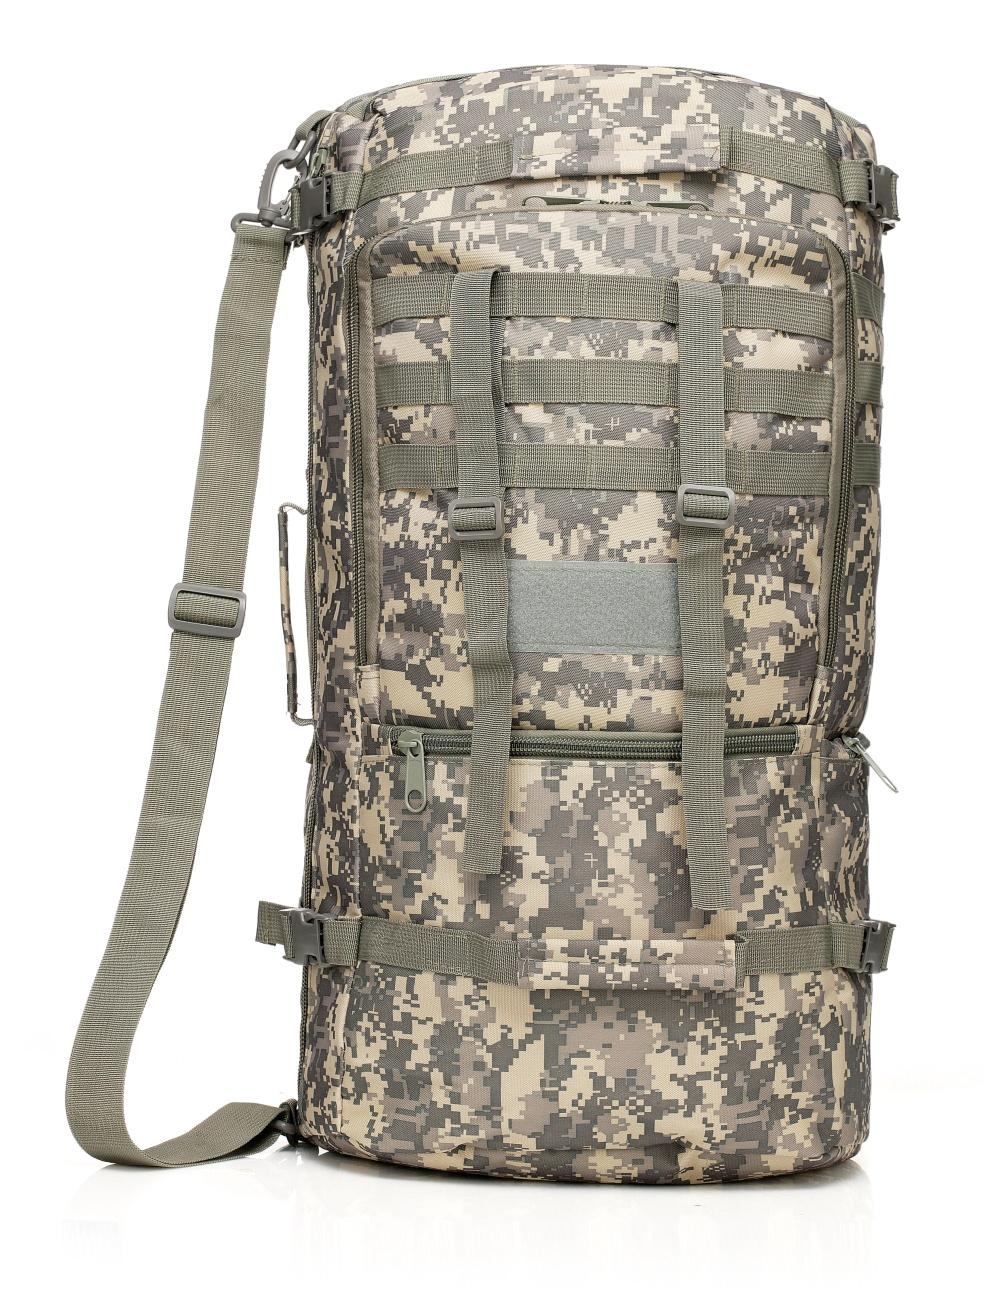 Большой тактический рюкзак для похода в горы MOLLE недорого